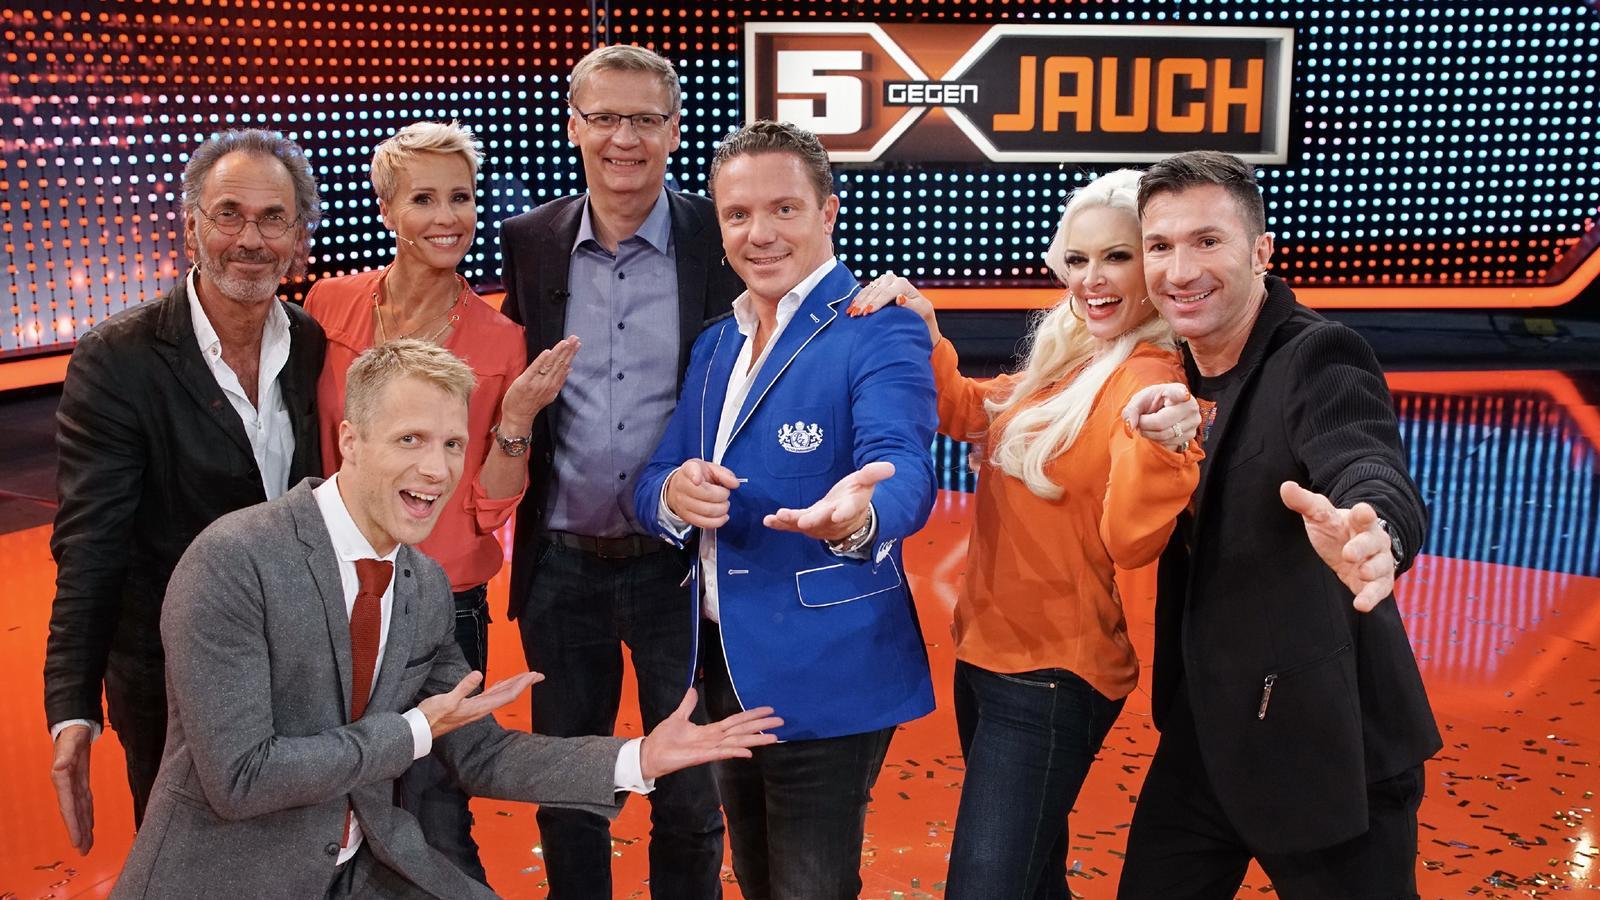 """Bei """"5 gegen Jauch"""" will Günther Jauch die Promis diesmal aber wirklich in die Tasche stecken."""